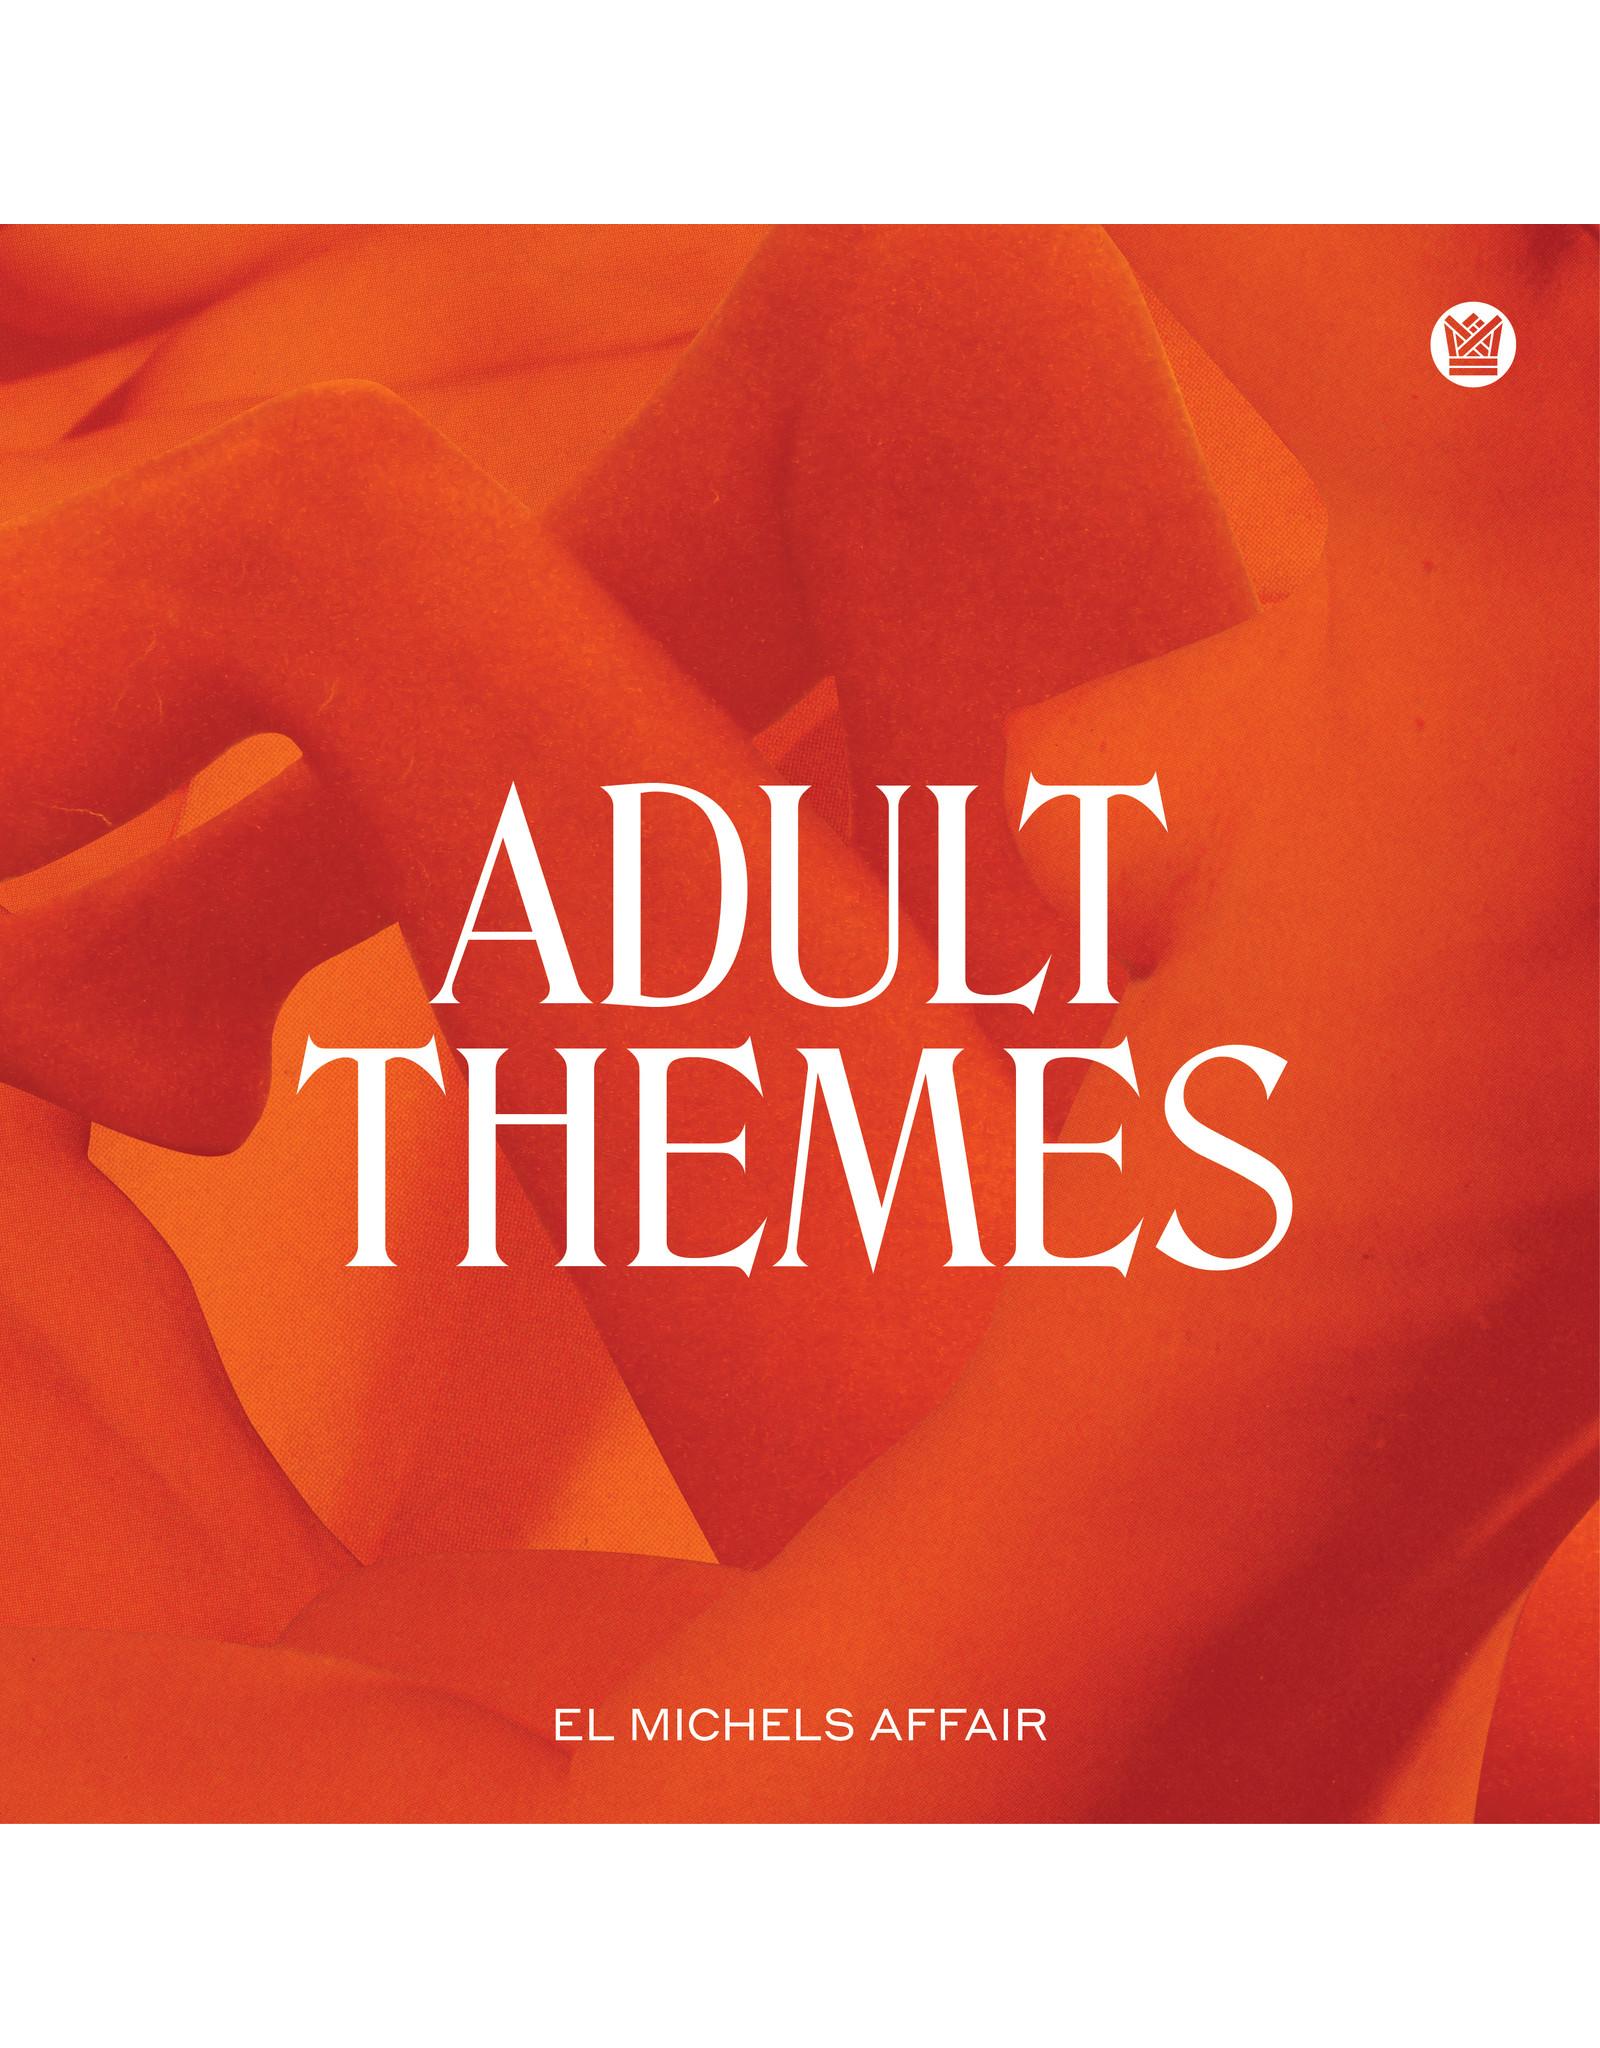 New Vinyl El Michels Affair - Adult Themes LP